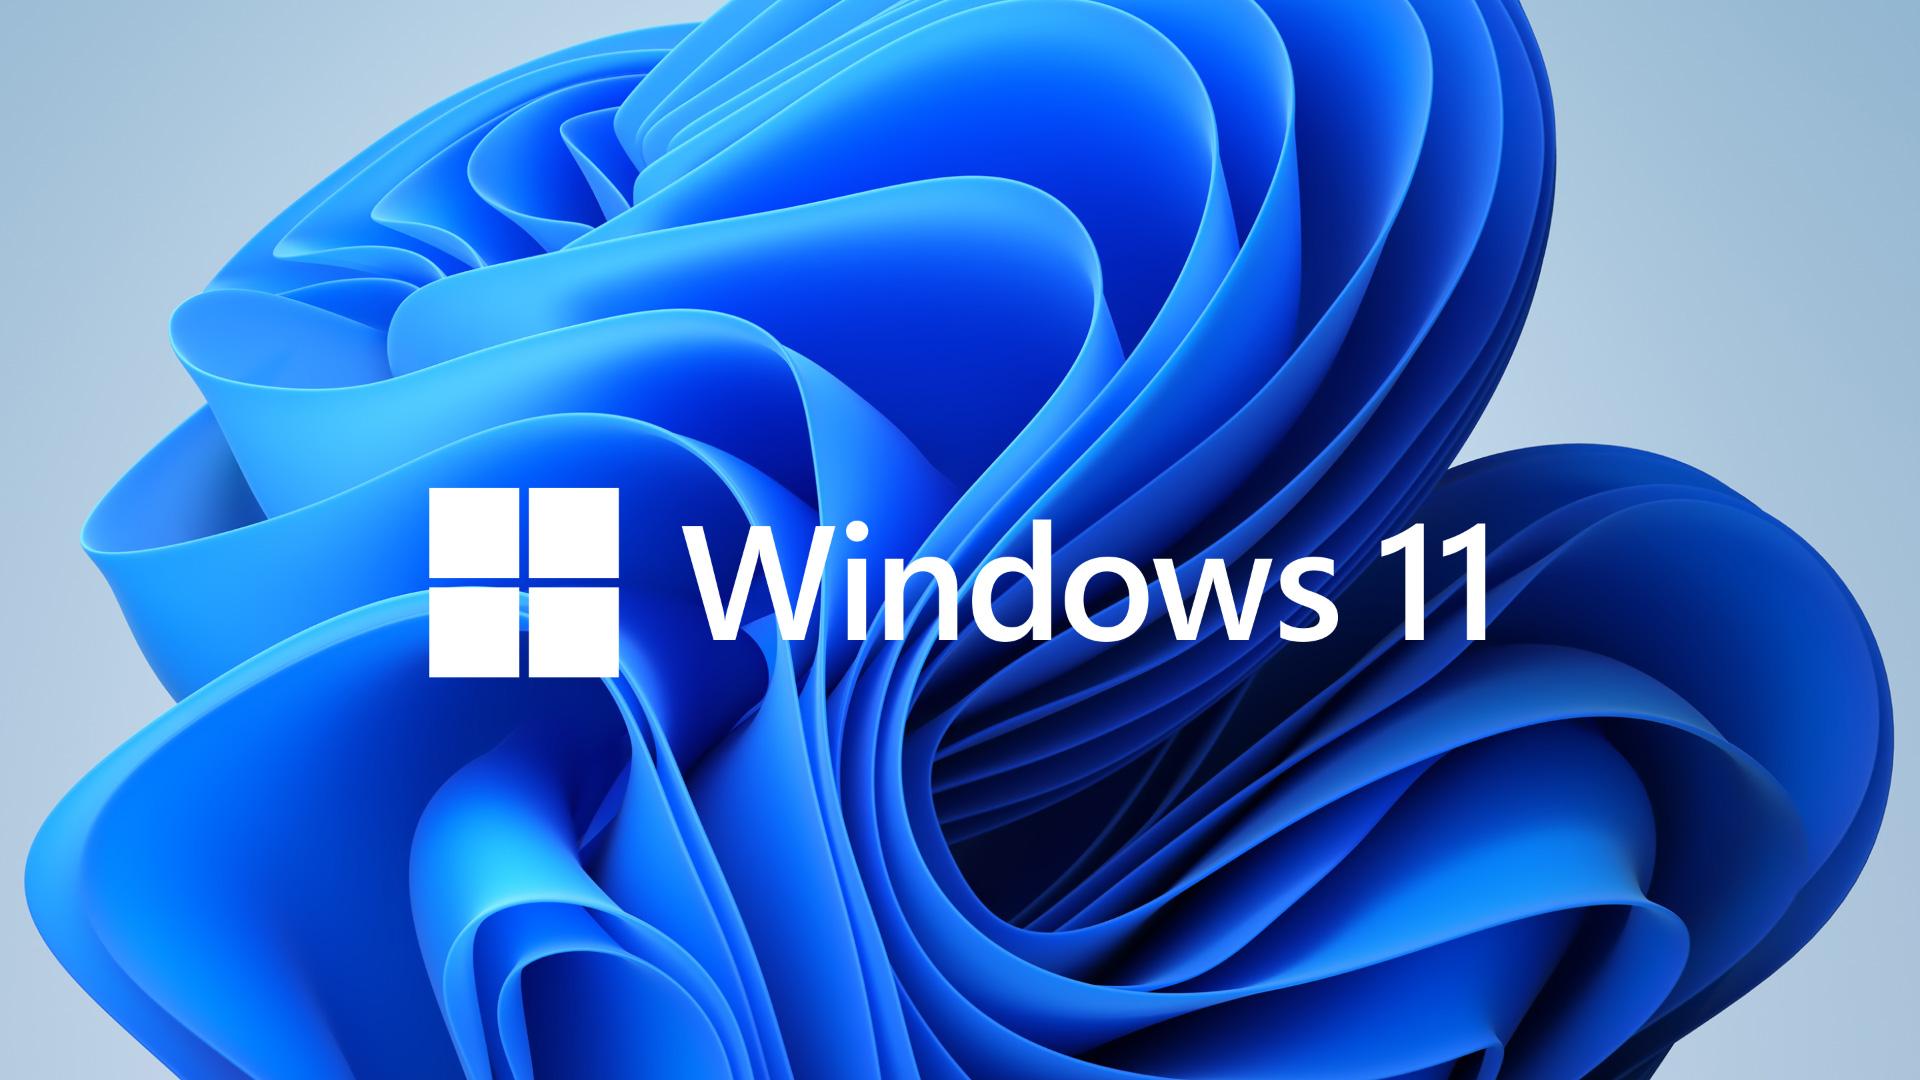 Logotipo de Windows 11 y fondo decorativo